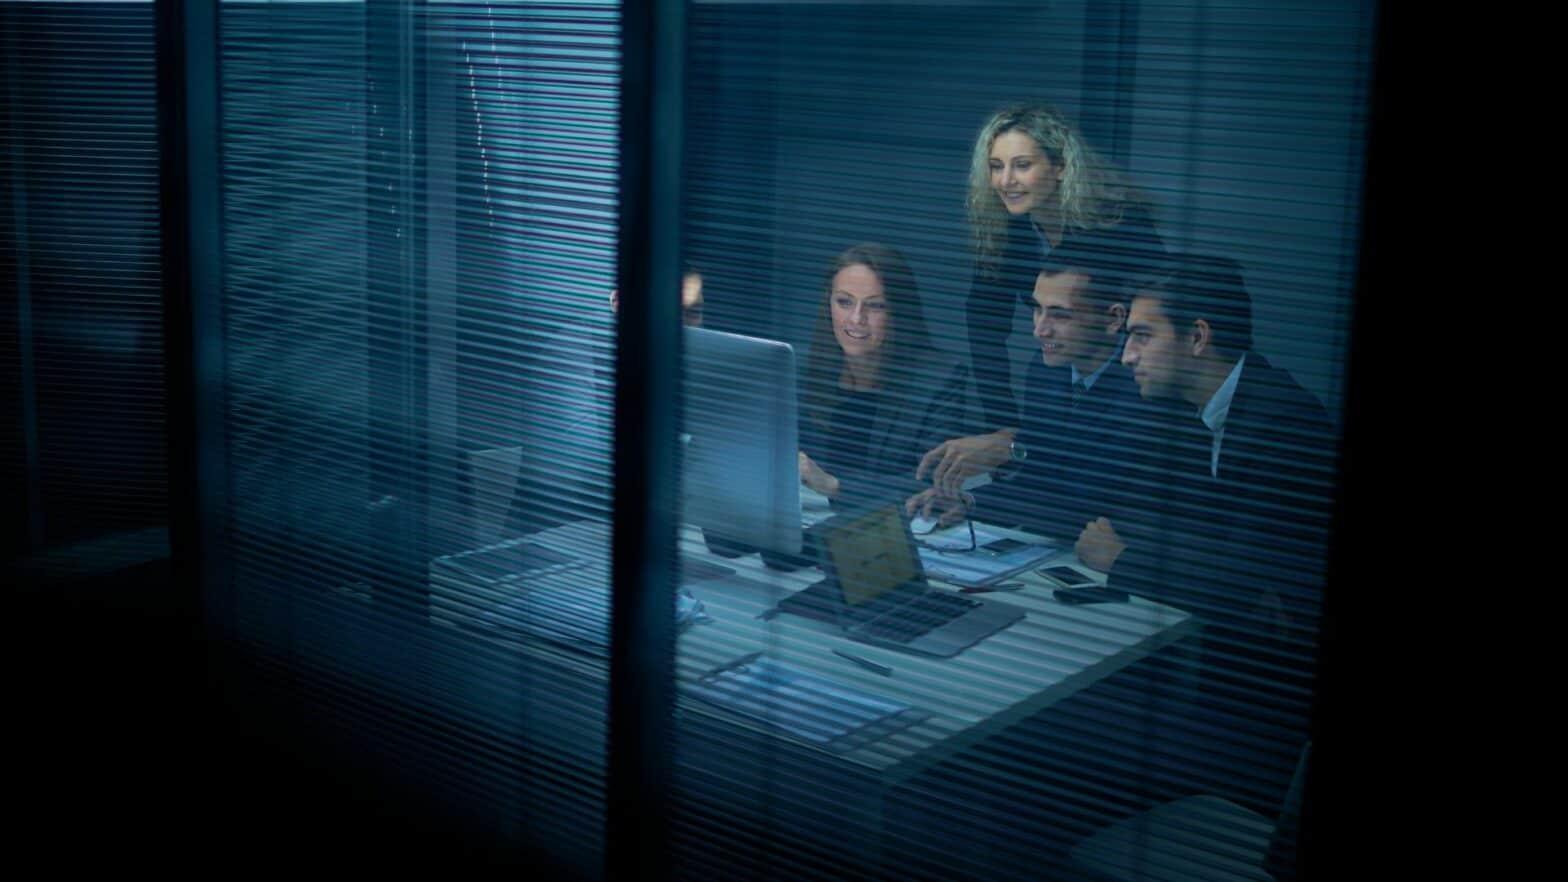 Überblick über das Investment Banking, Arbeitsalltag